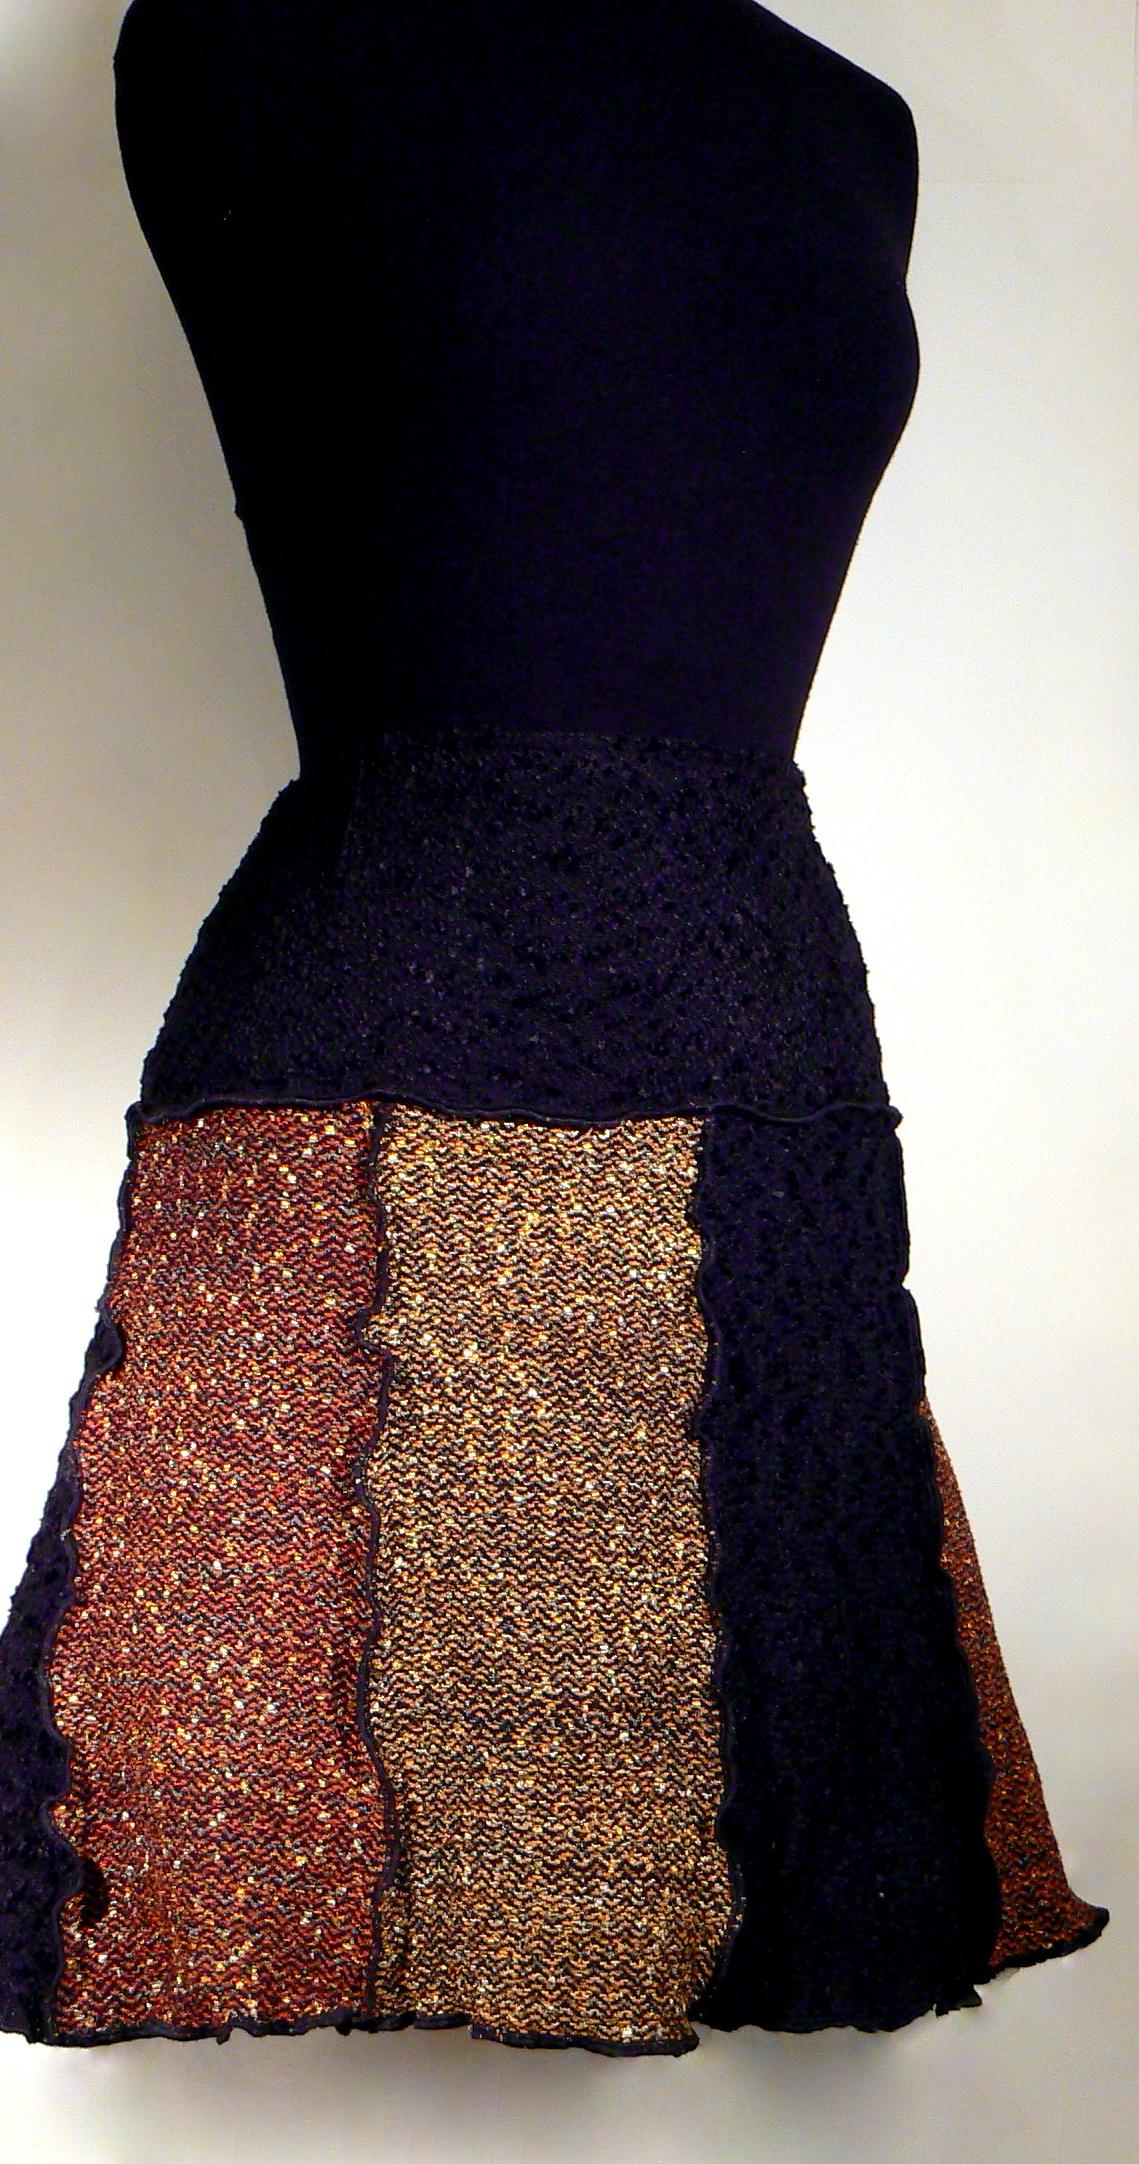 Handwoven Skirt, Kathleen Weir-West 12-001.JPG